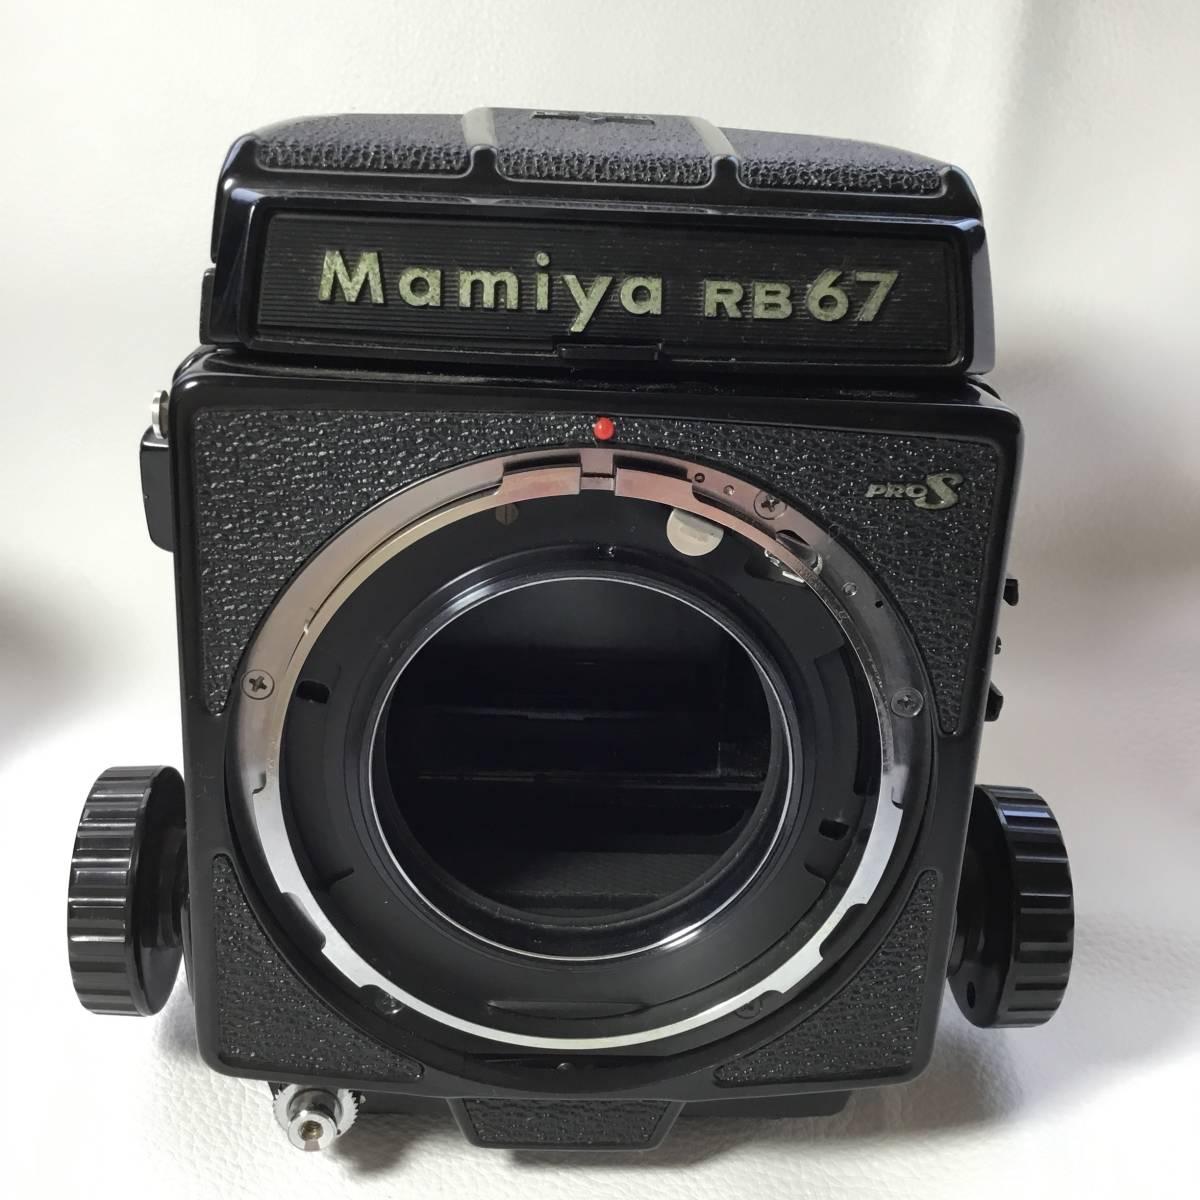 マミヤ Mamiya RB67 PROFESSIONAL S MAMIYA-SEKOR C f=65mm 中判カメラ_画像3